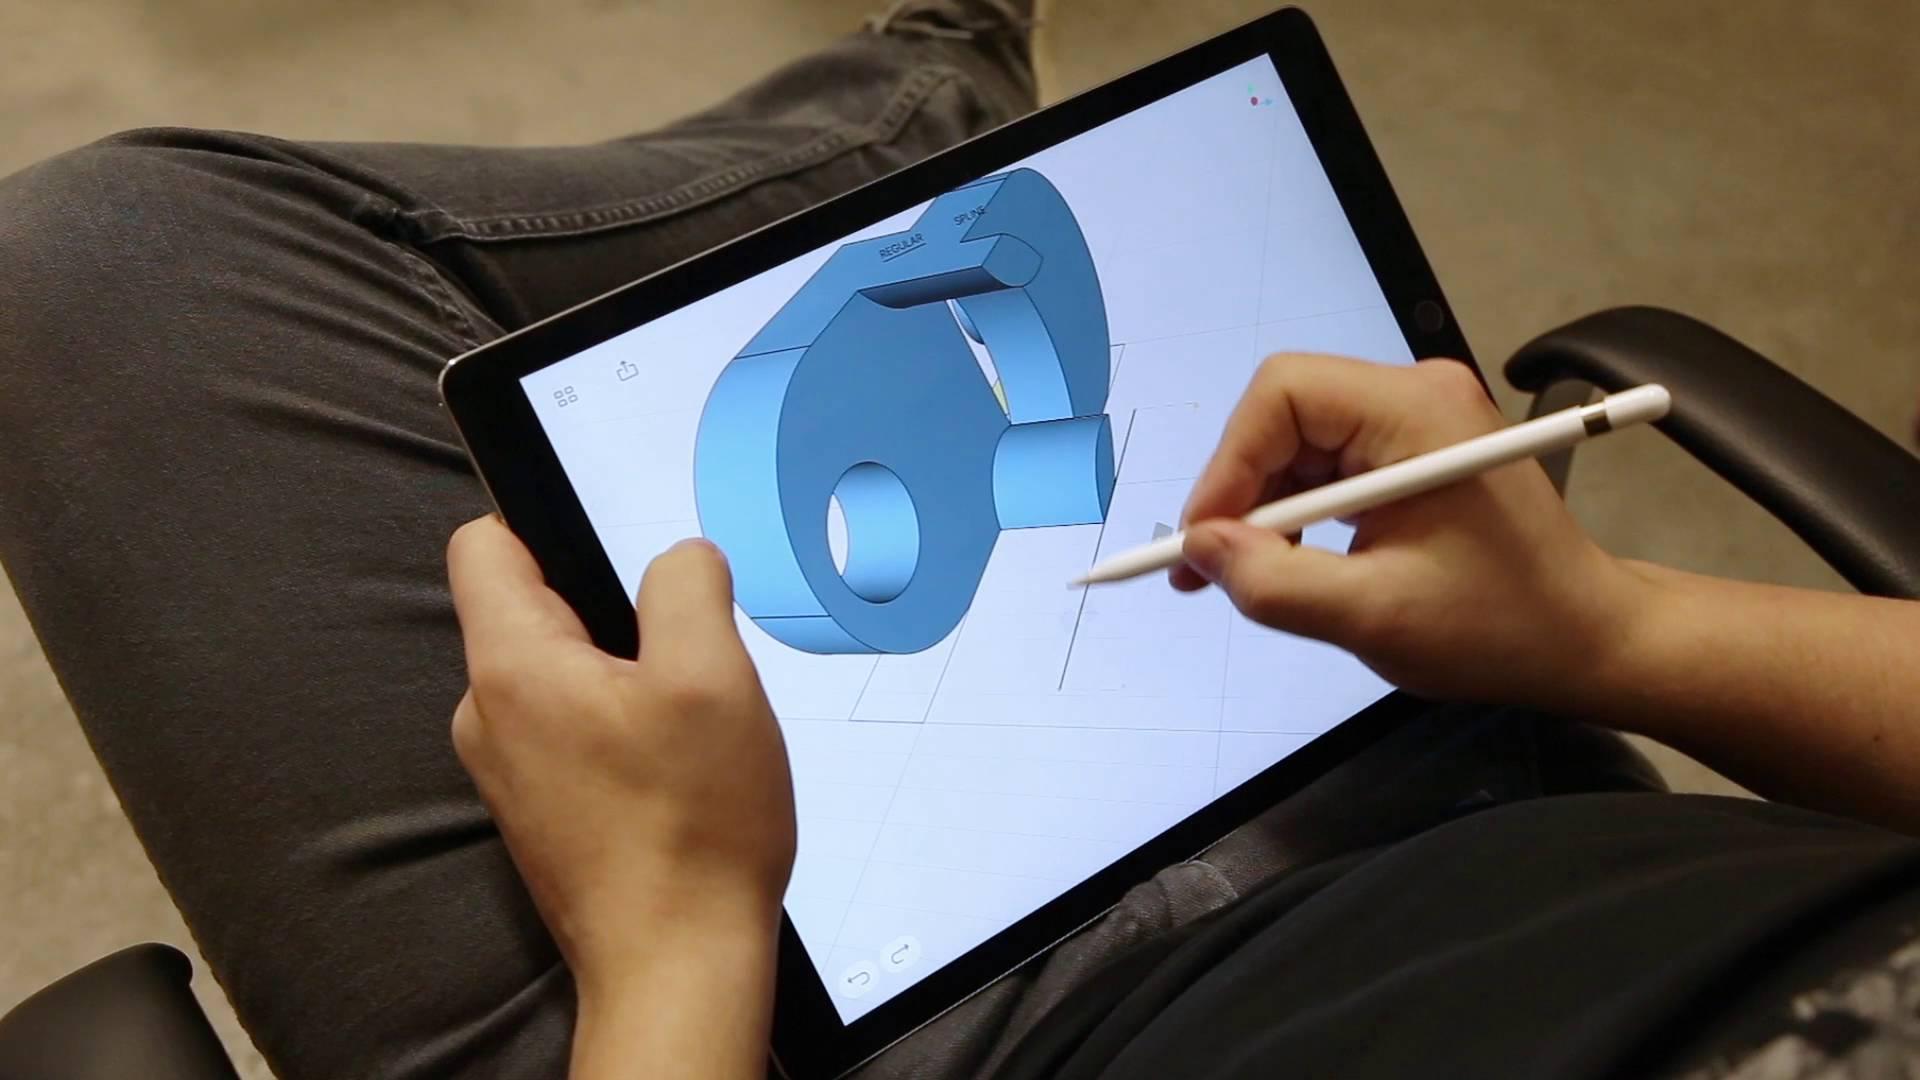 cr er ses pi ces en 3d sur ipad pro avec shapr3d kits imprimantes 3d. Black Bedroom Furniture Sets. Home Design Ideas